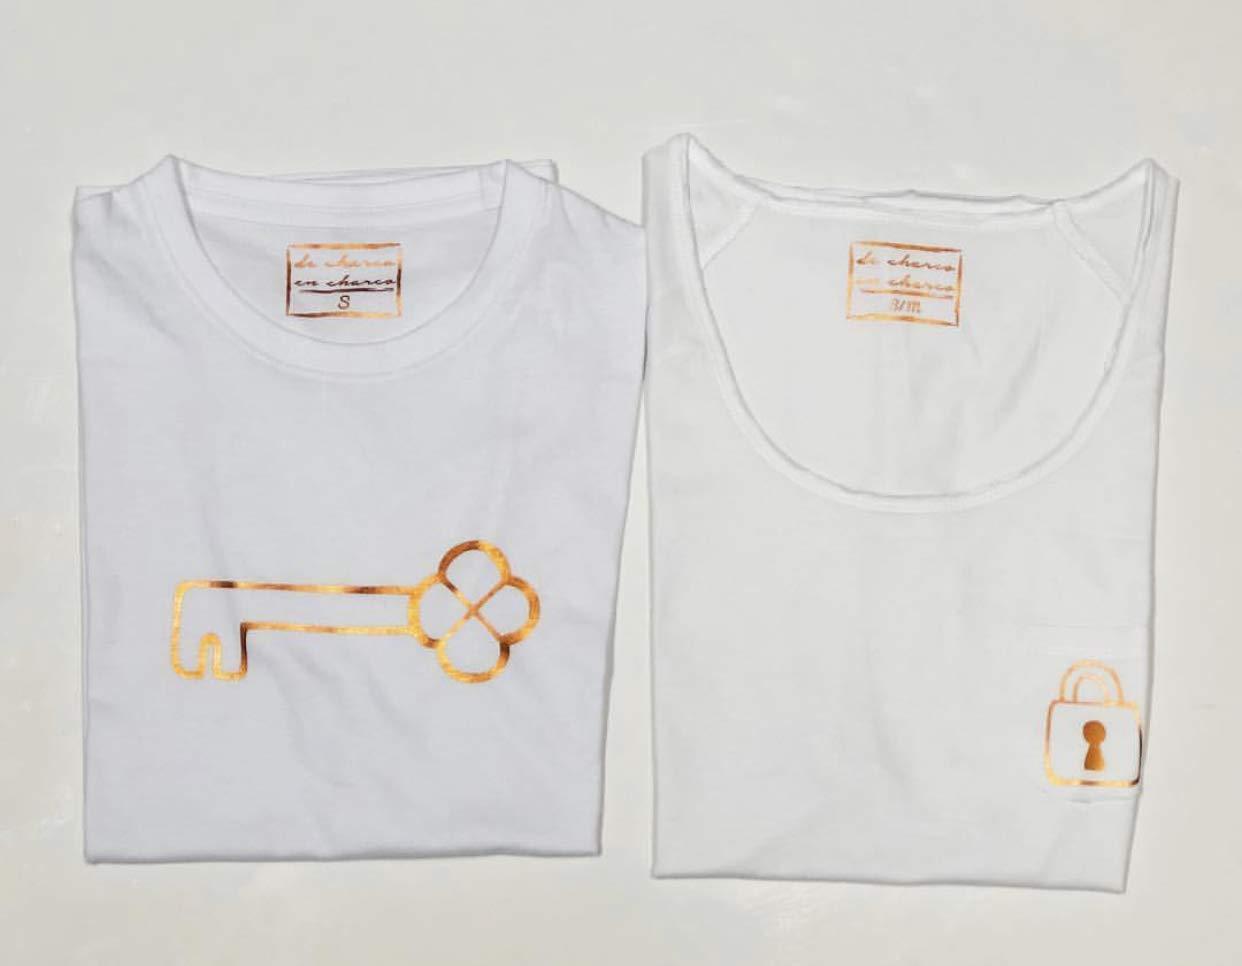 PACK Camisetas M/C Candado-Llave (Adulto + Niño/Niña o Bebé): Amazon.es: Handmade